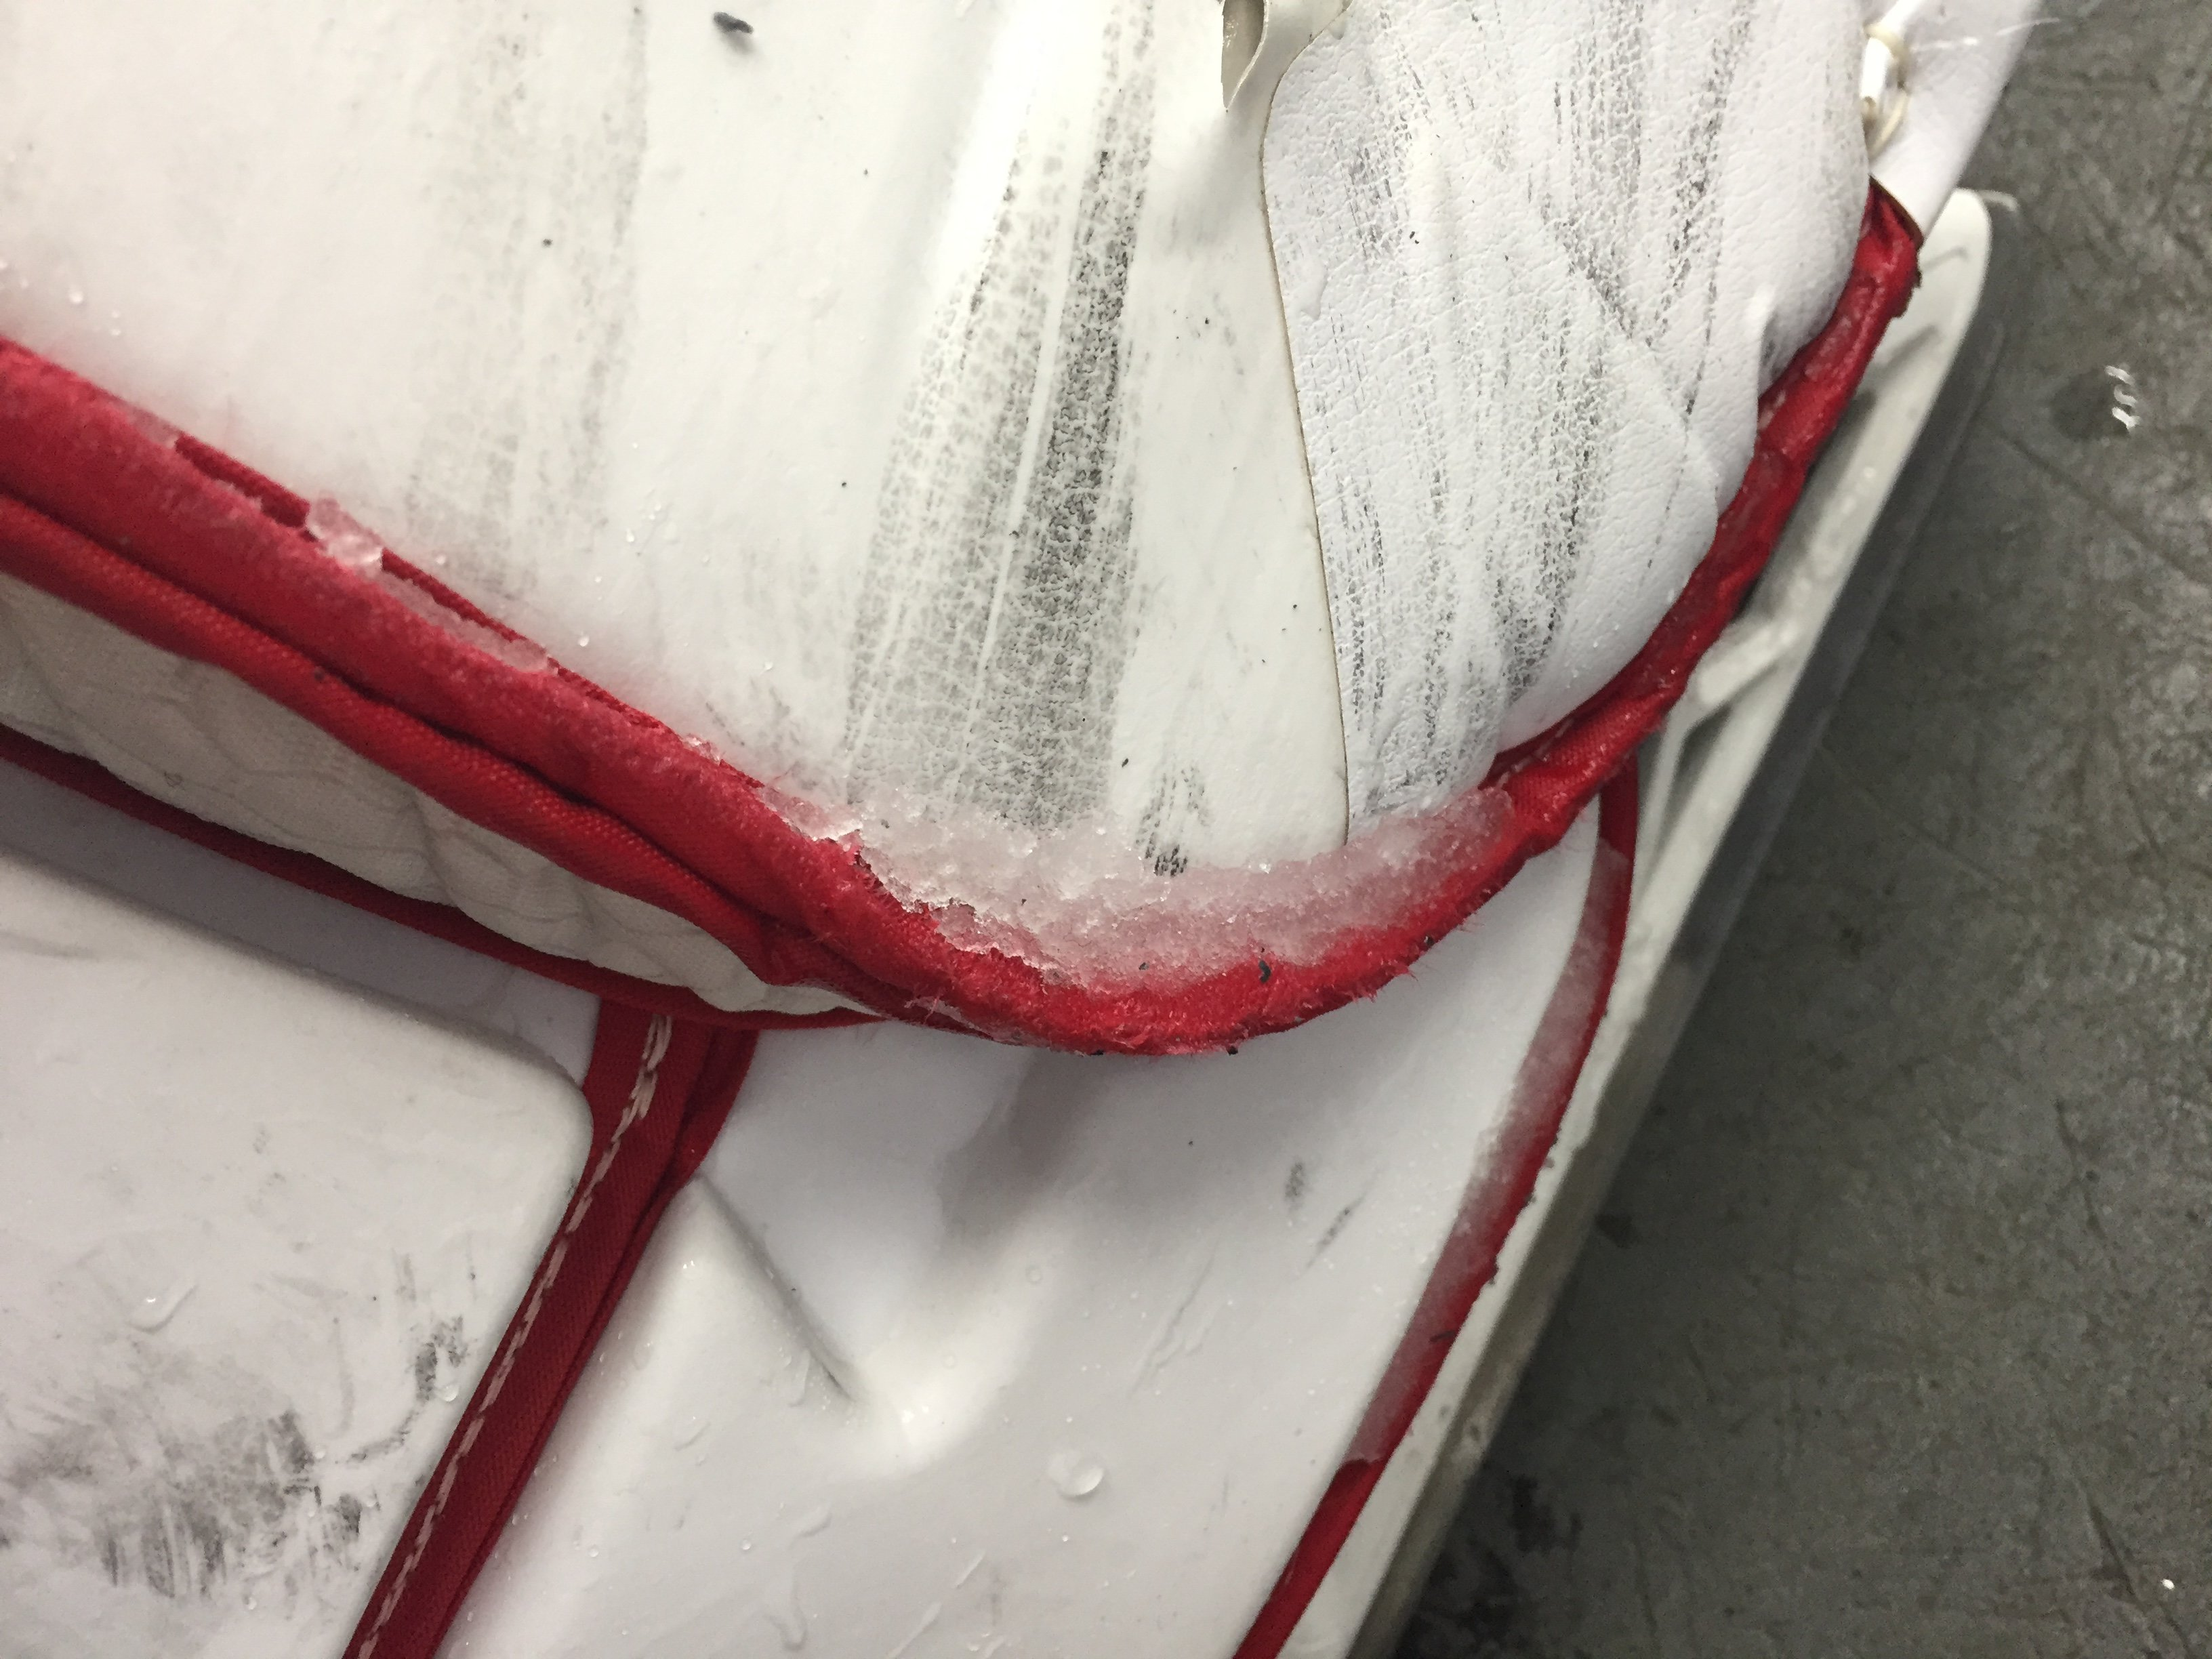 Bauer 1S Goalie Pads - Staff Reviews - THE GOAL[ie] NET[work]